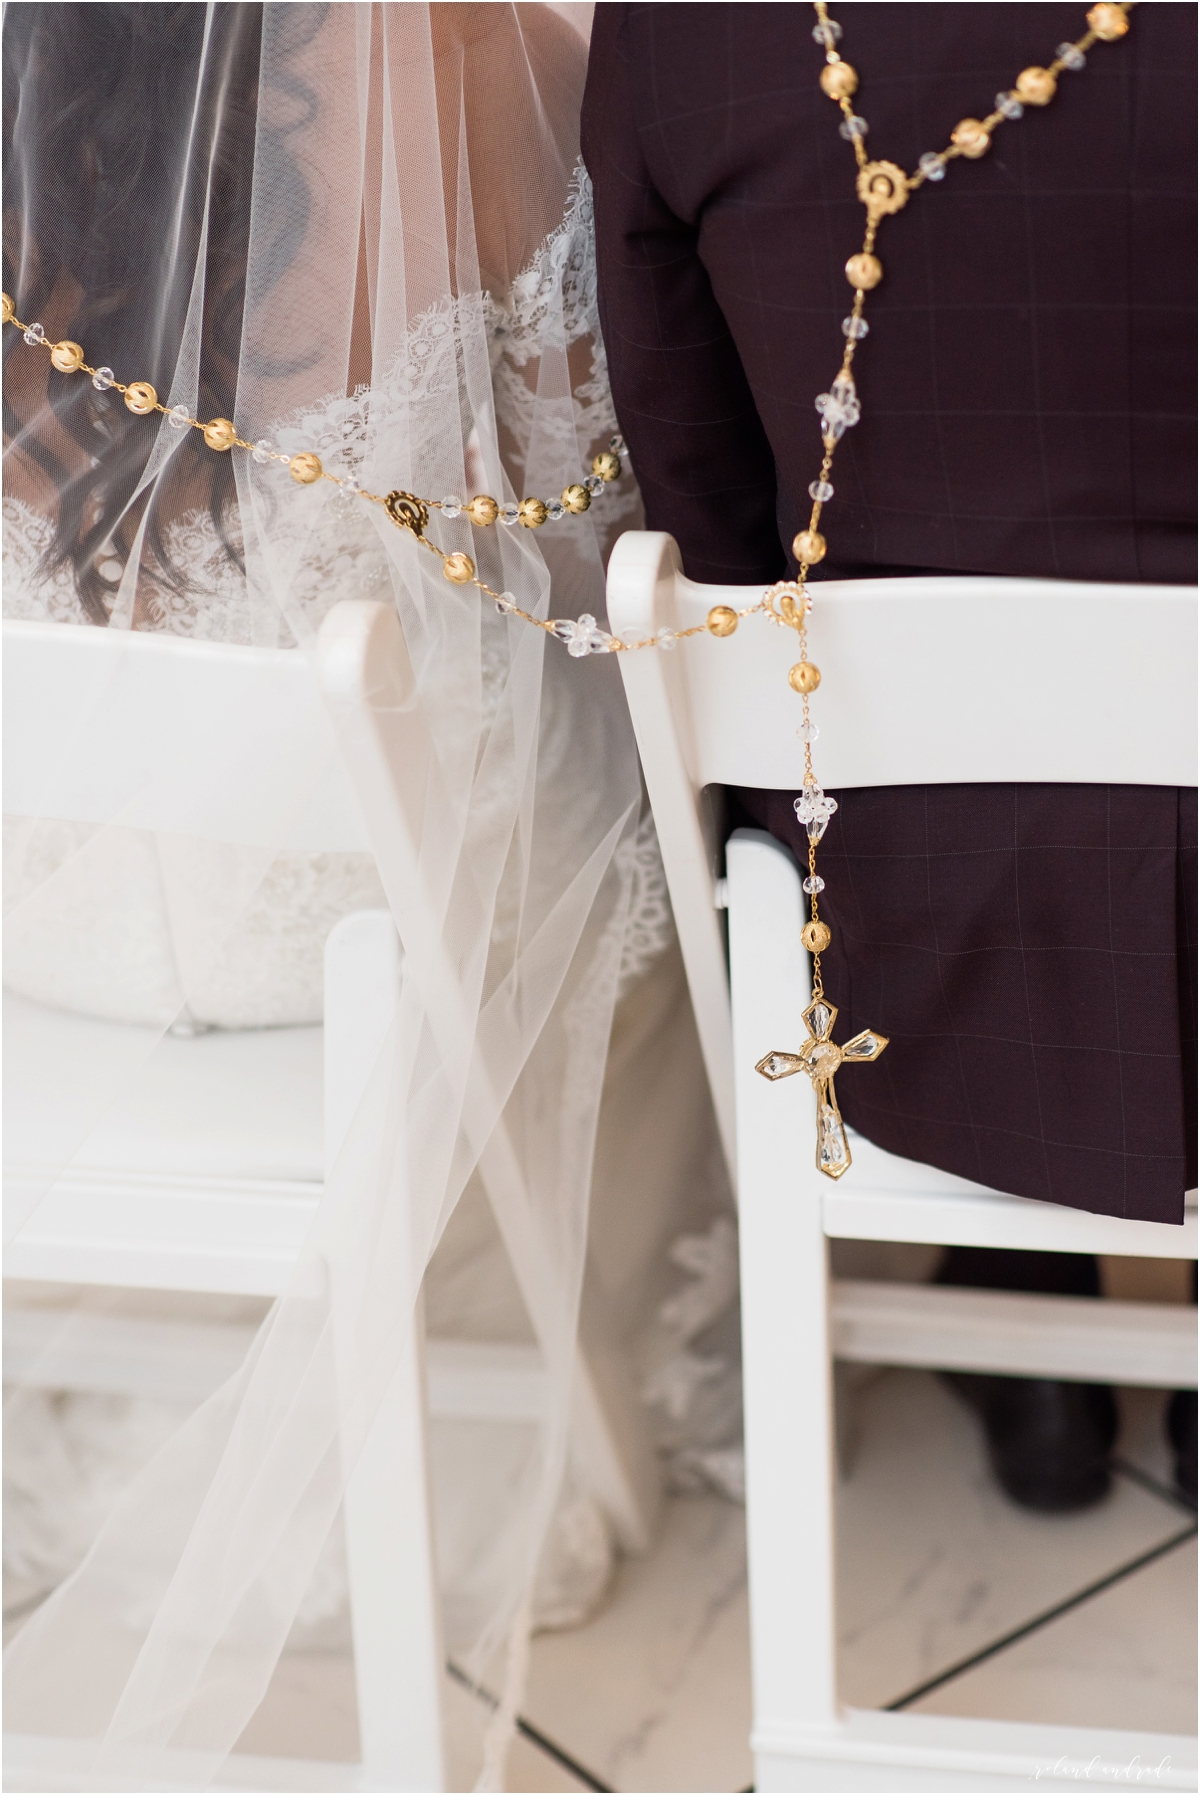 Chateau Busche Wedding in Alsip, Chateau Busche Wedding Photographer, Alsip Wedding Photography Millenium Park First Look, Trump Tower Wedding_0043.jpg